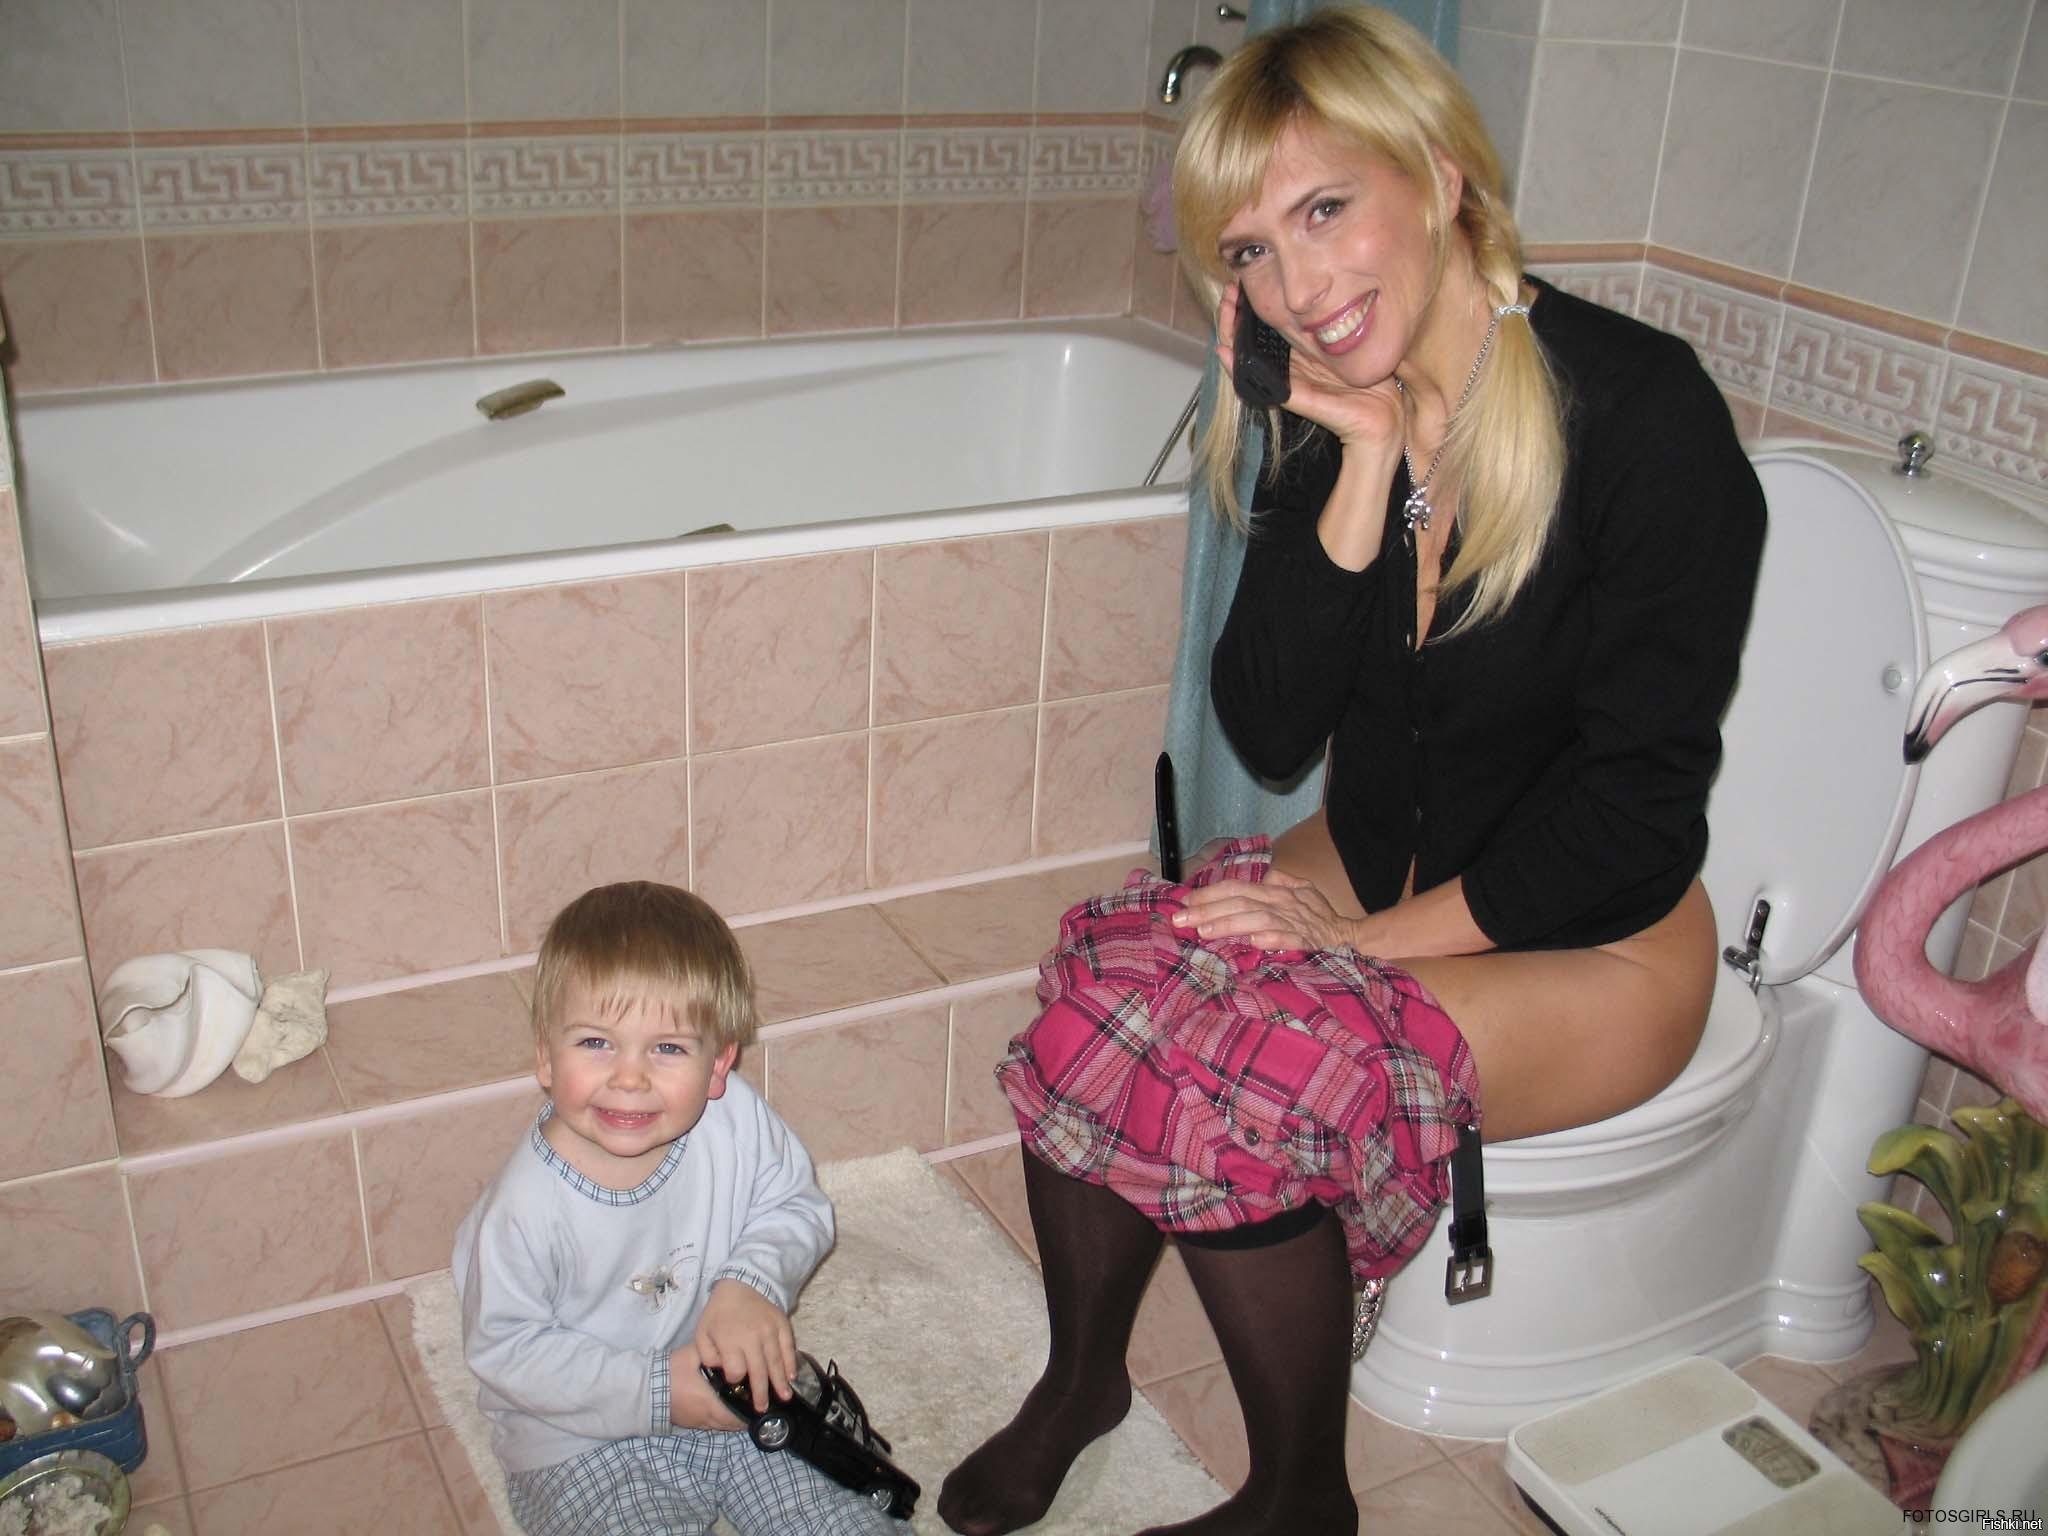 Частное фото на унитазе, Девушки на унитазе (35 фото) Частное порно видео 20 фотография